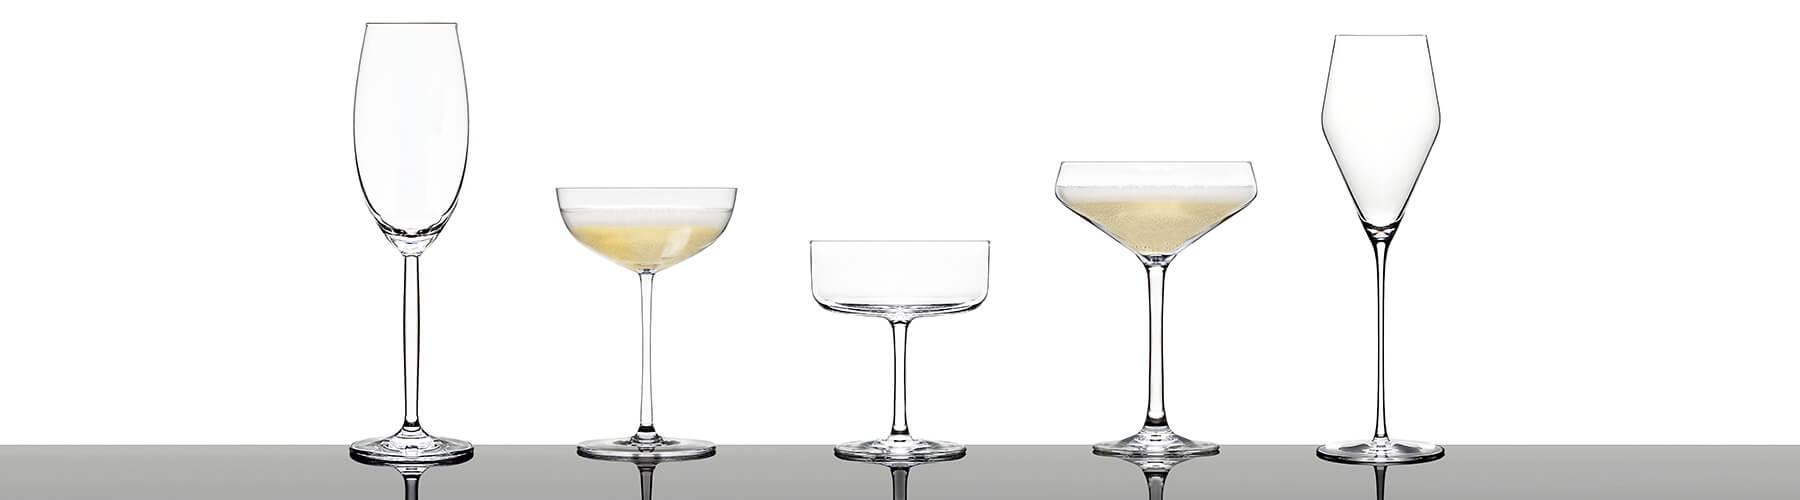 hochwertige champagnergl ser champagnerschalen glasklar berlin. Black Bedroom Furniture Sets. Home Design Ideas